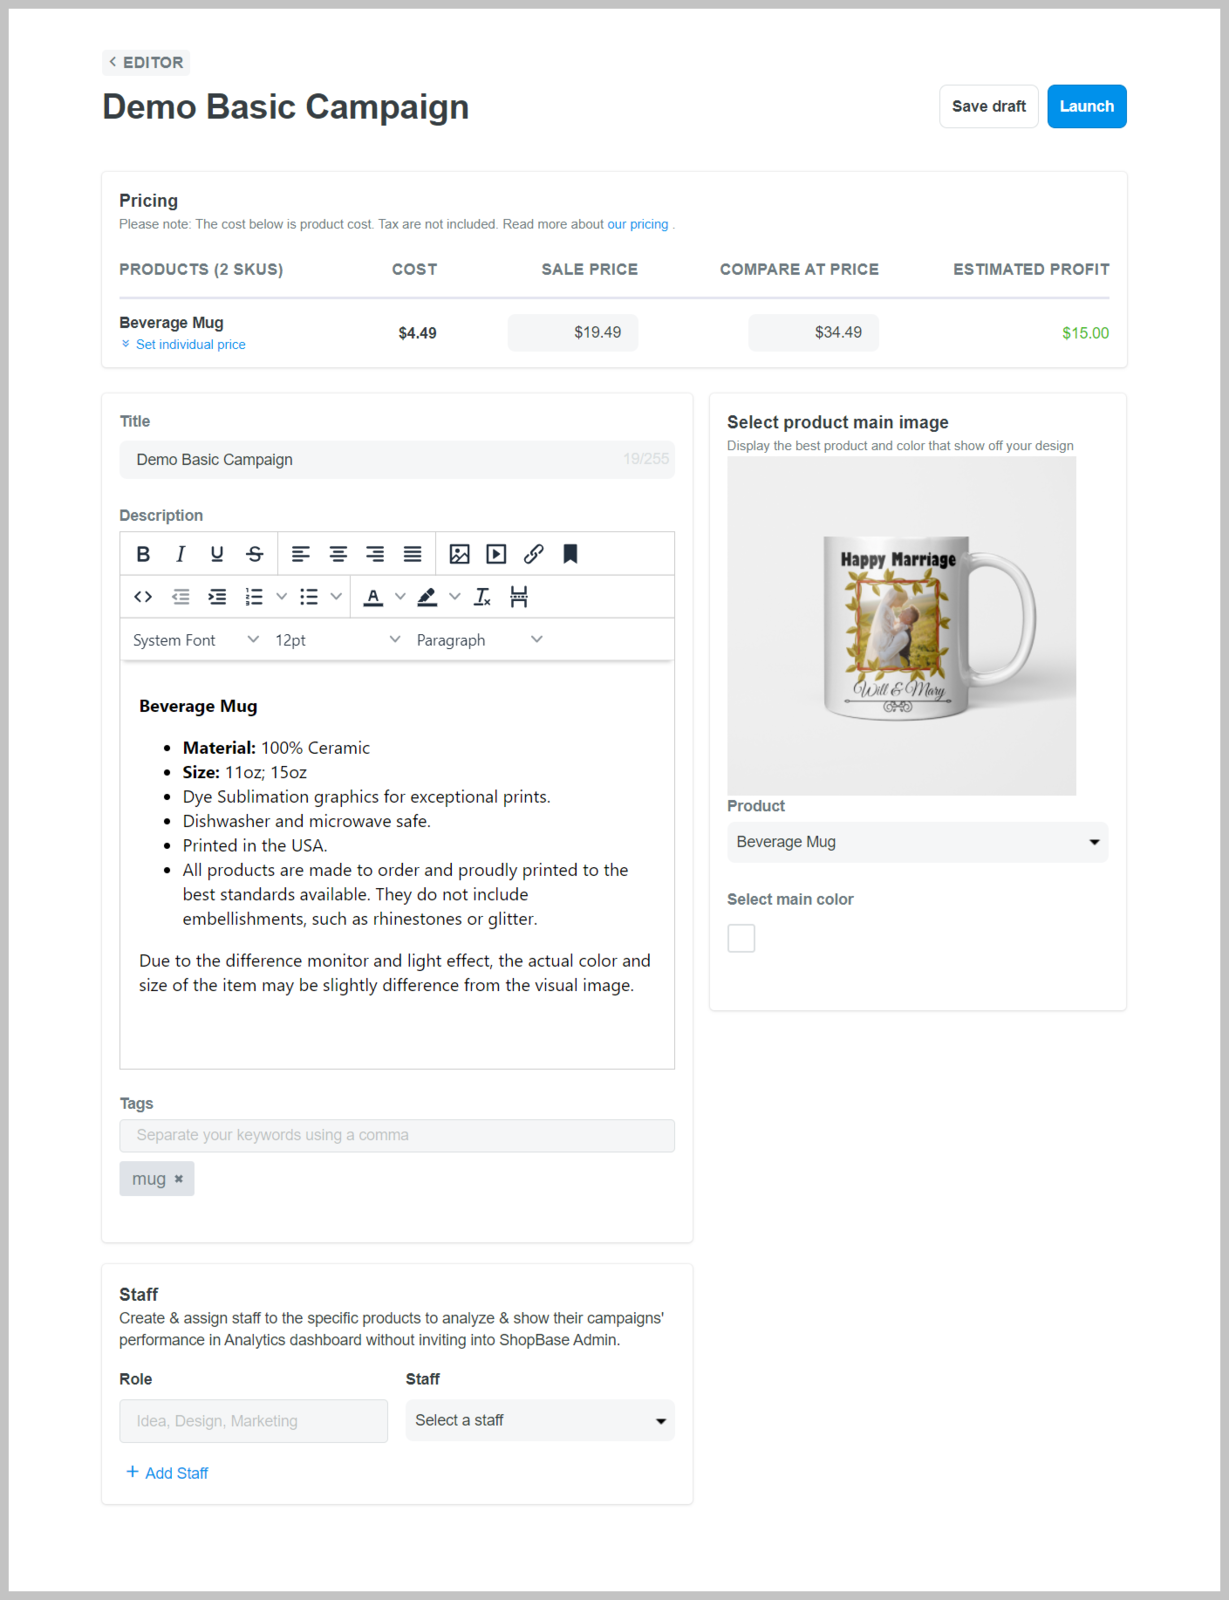 您可以在此处编辑产品的价格、标题、描述和标签